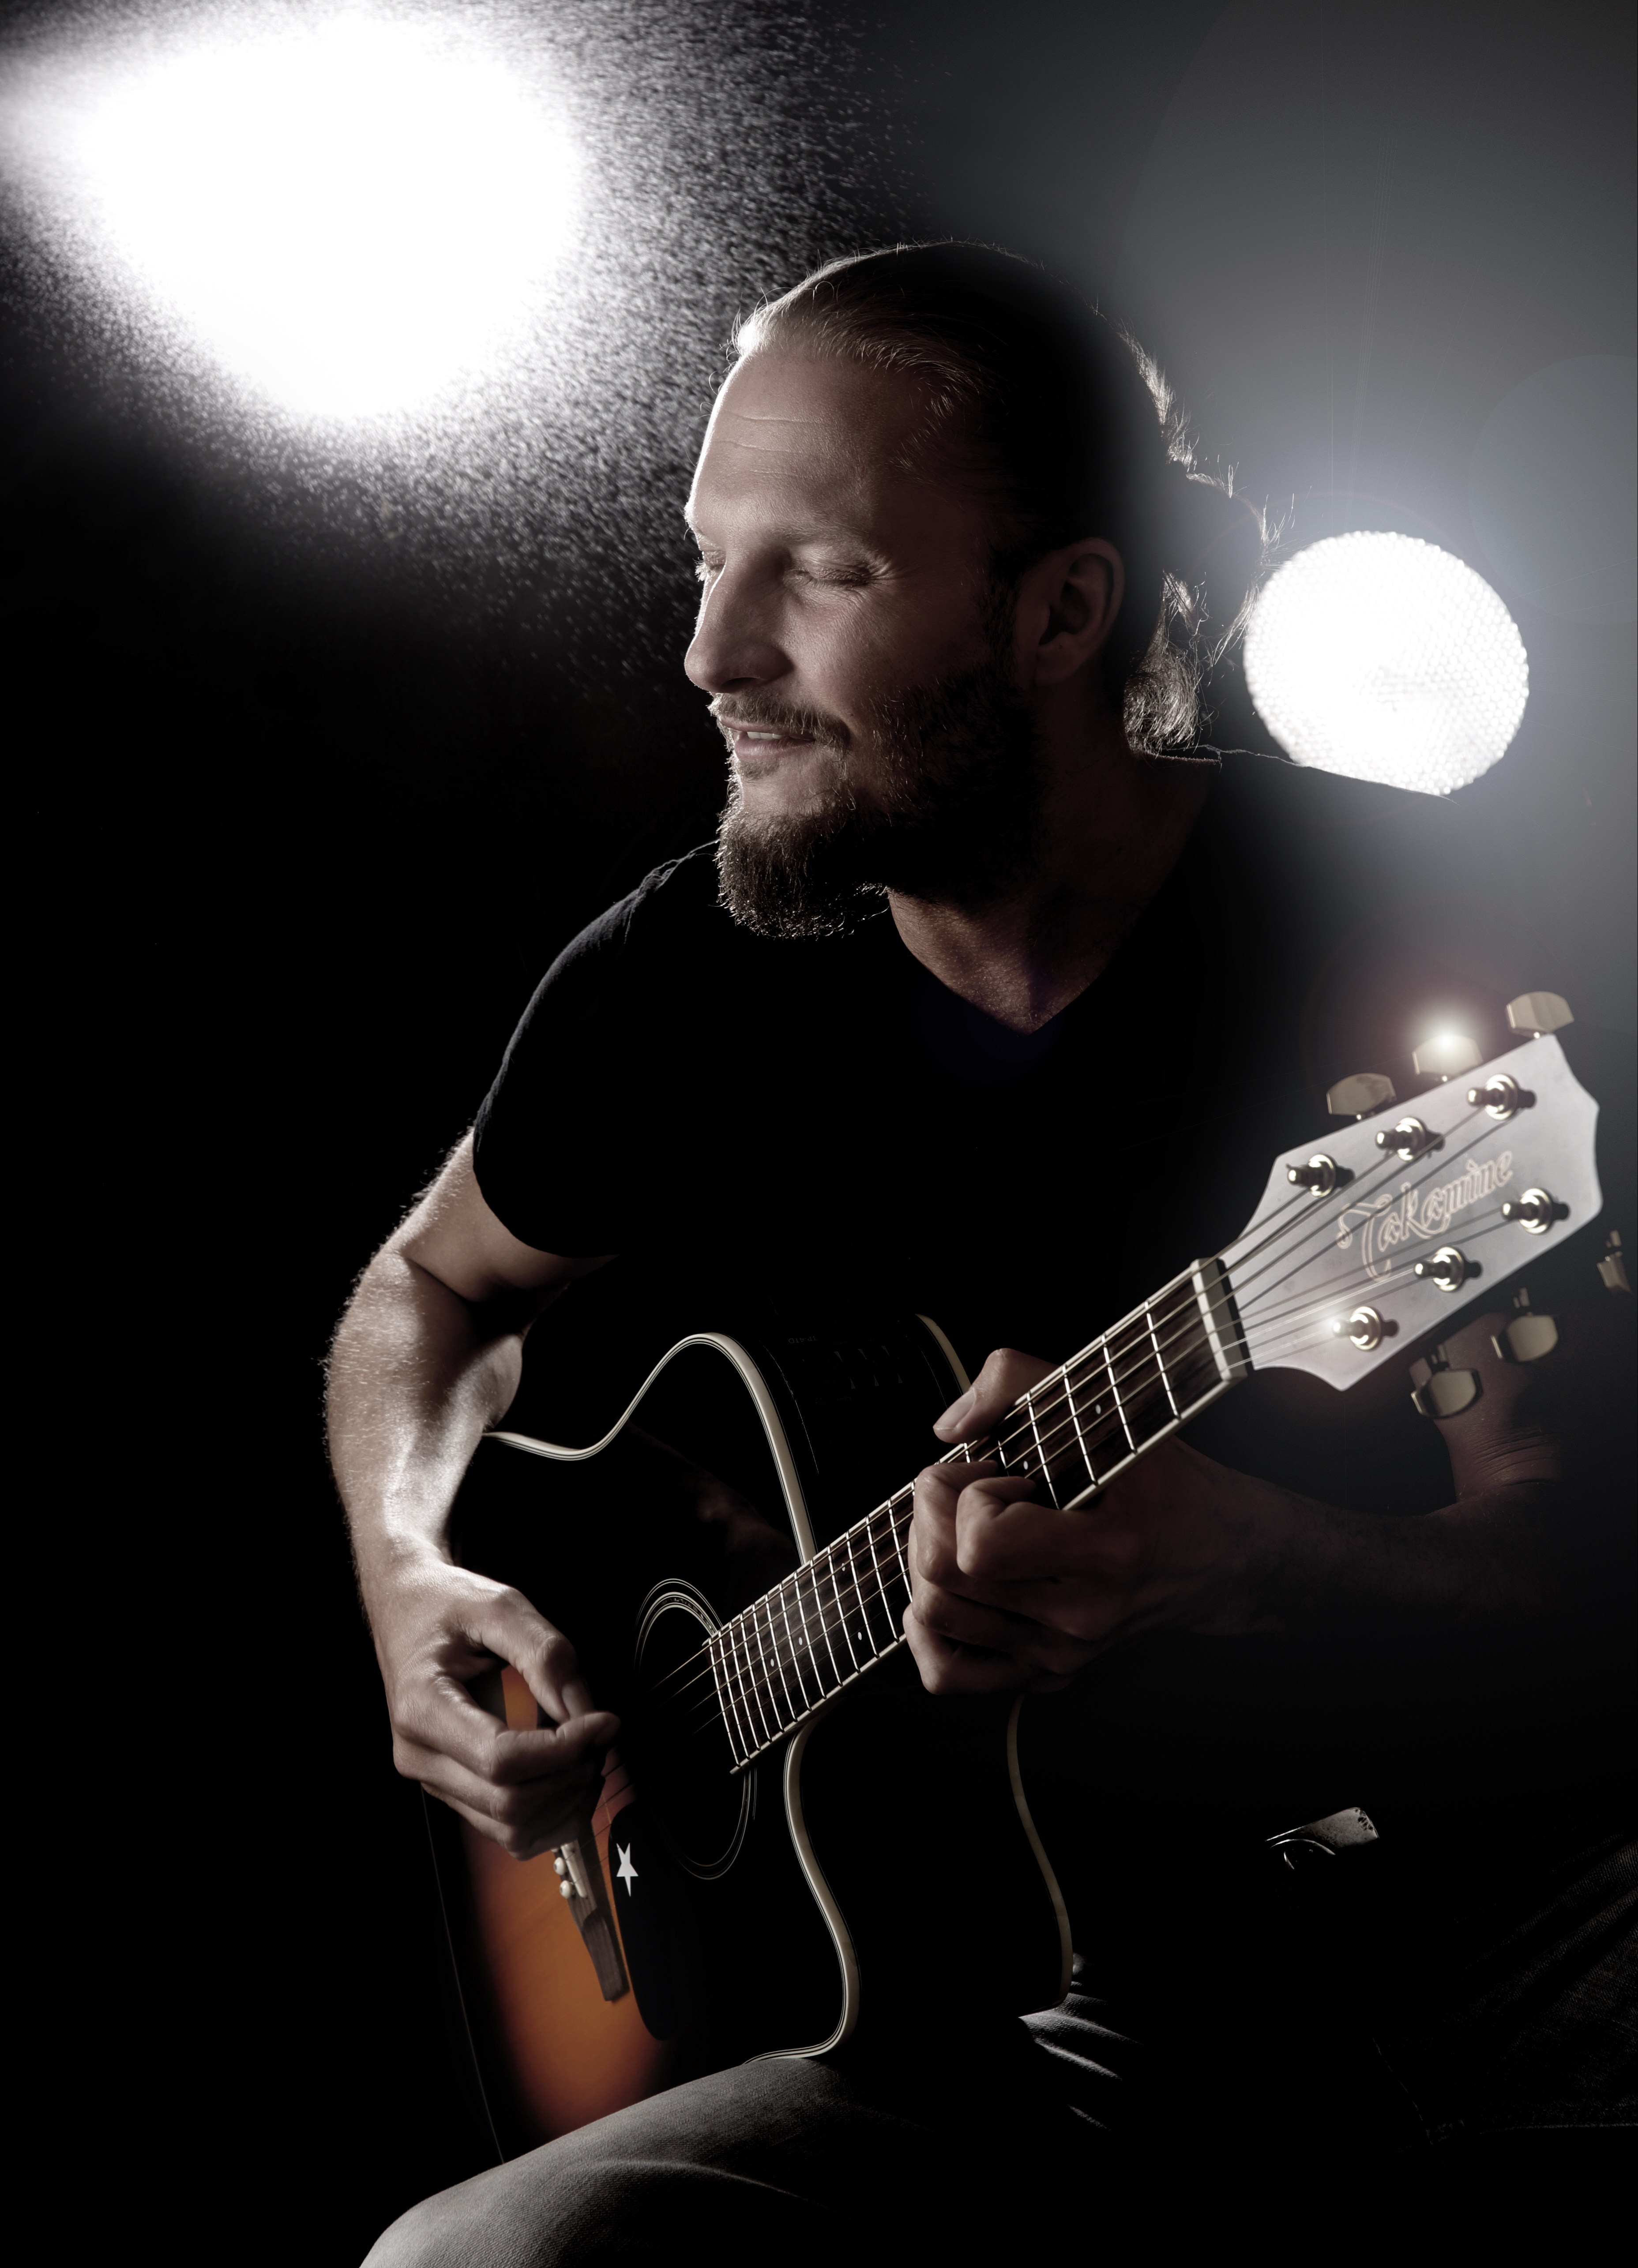 Colbinger - Singer & Songwriter